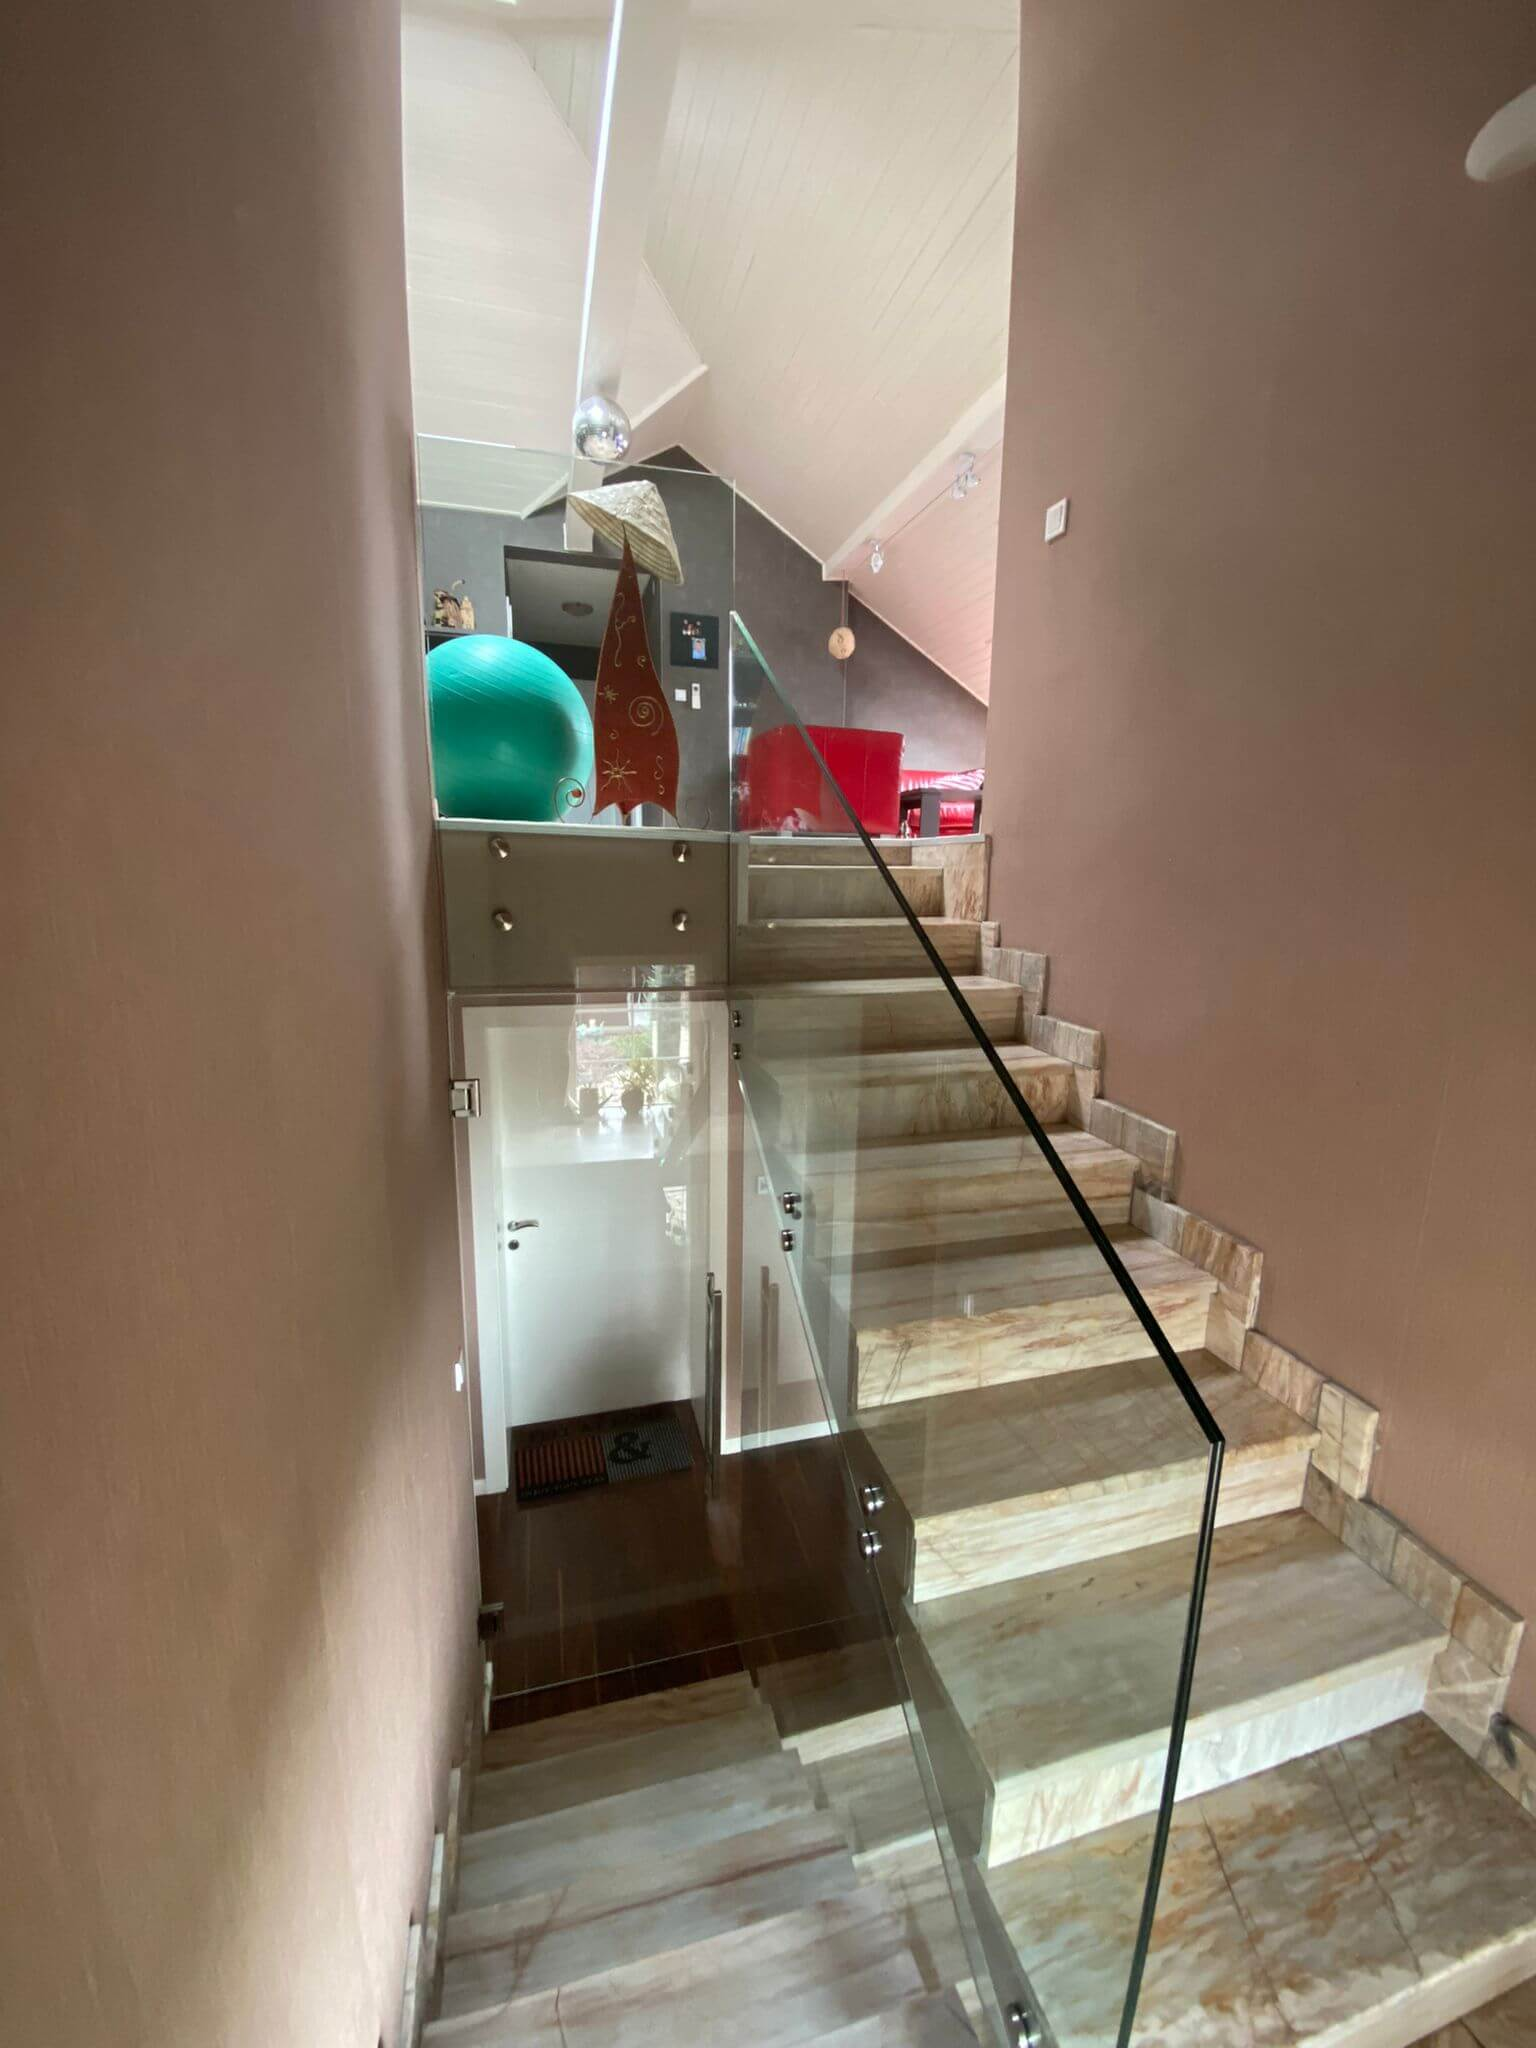 Rodinná Vila 6 izbová, úžitková 650m2, 3 podlažia, pozemok 1008m2, Lučenec – Opatová-52